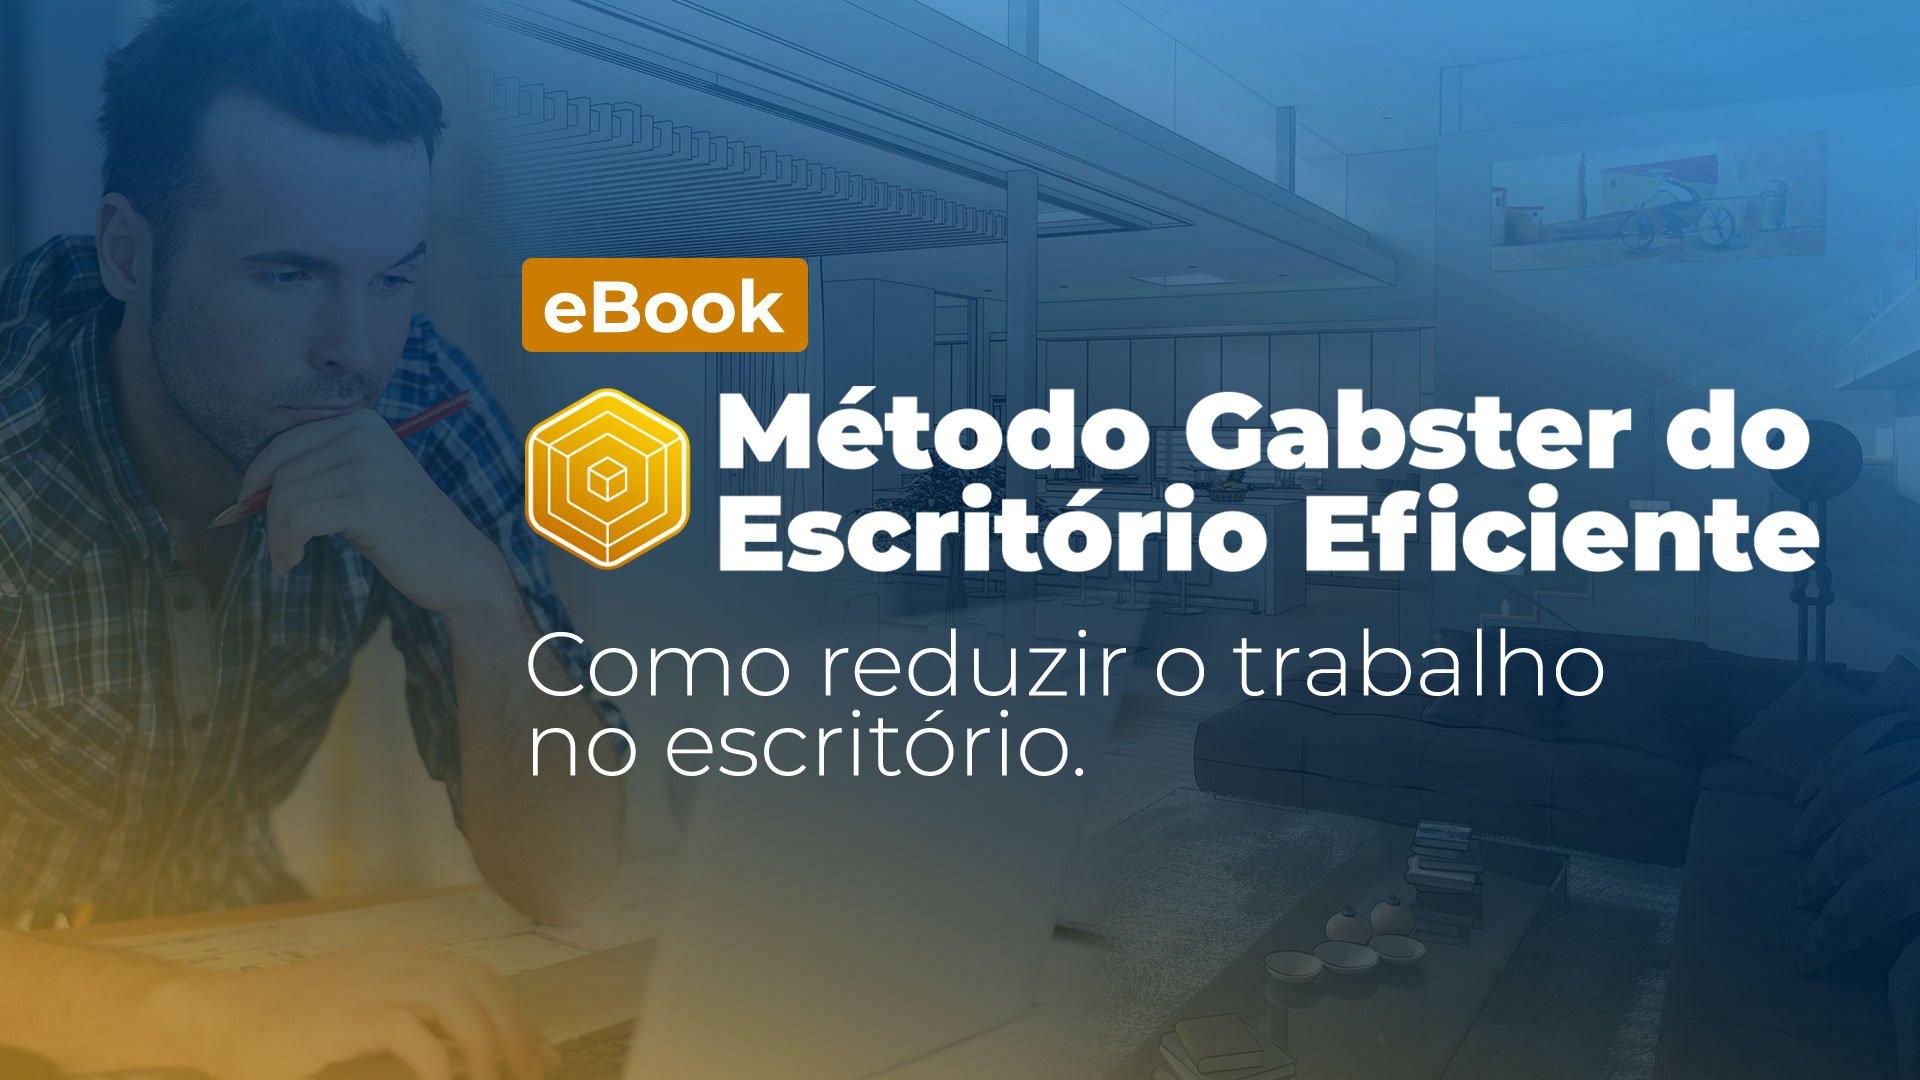 método de trabalho padronizado Gabster